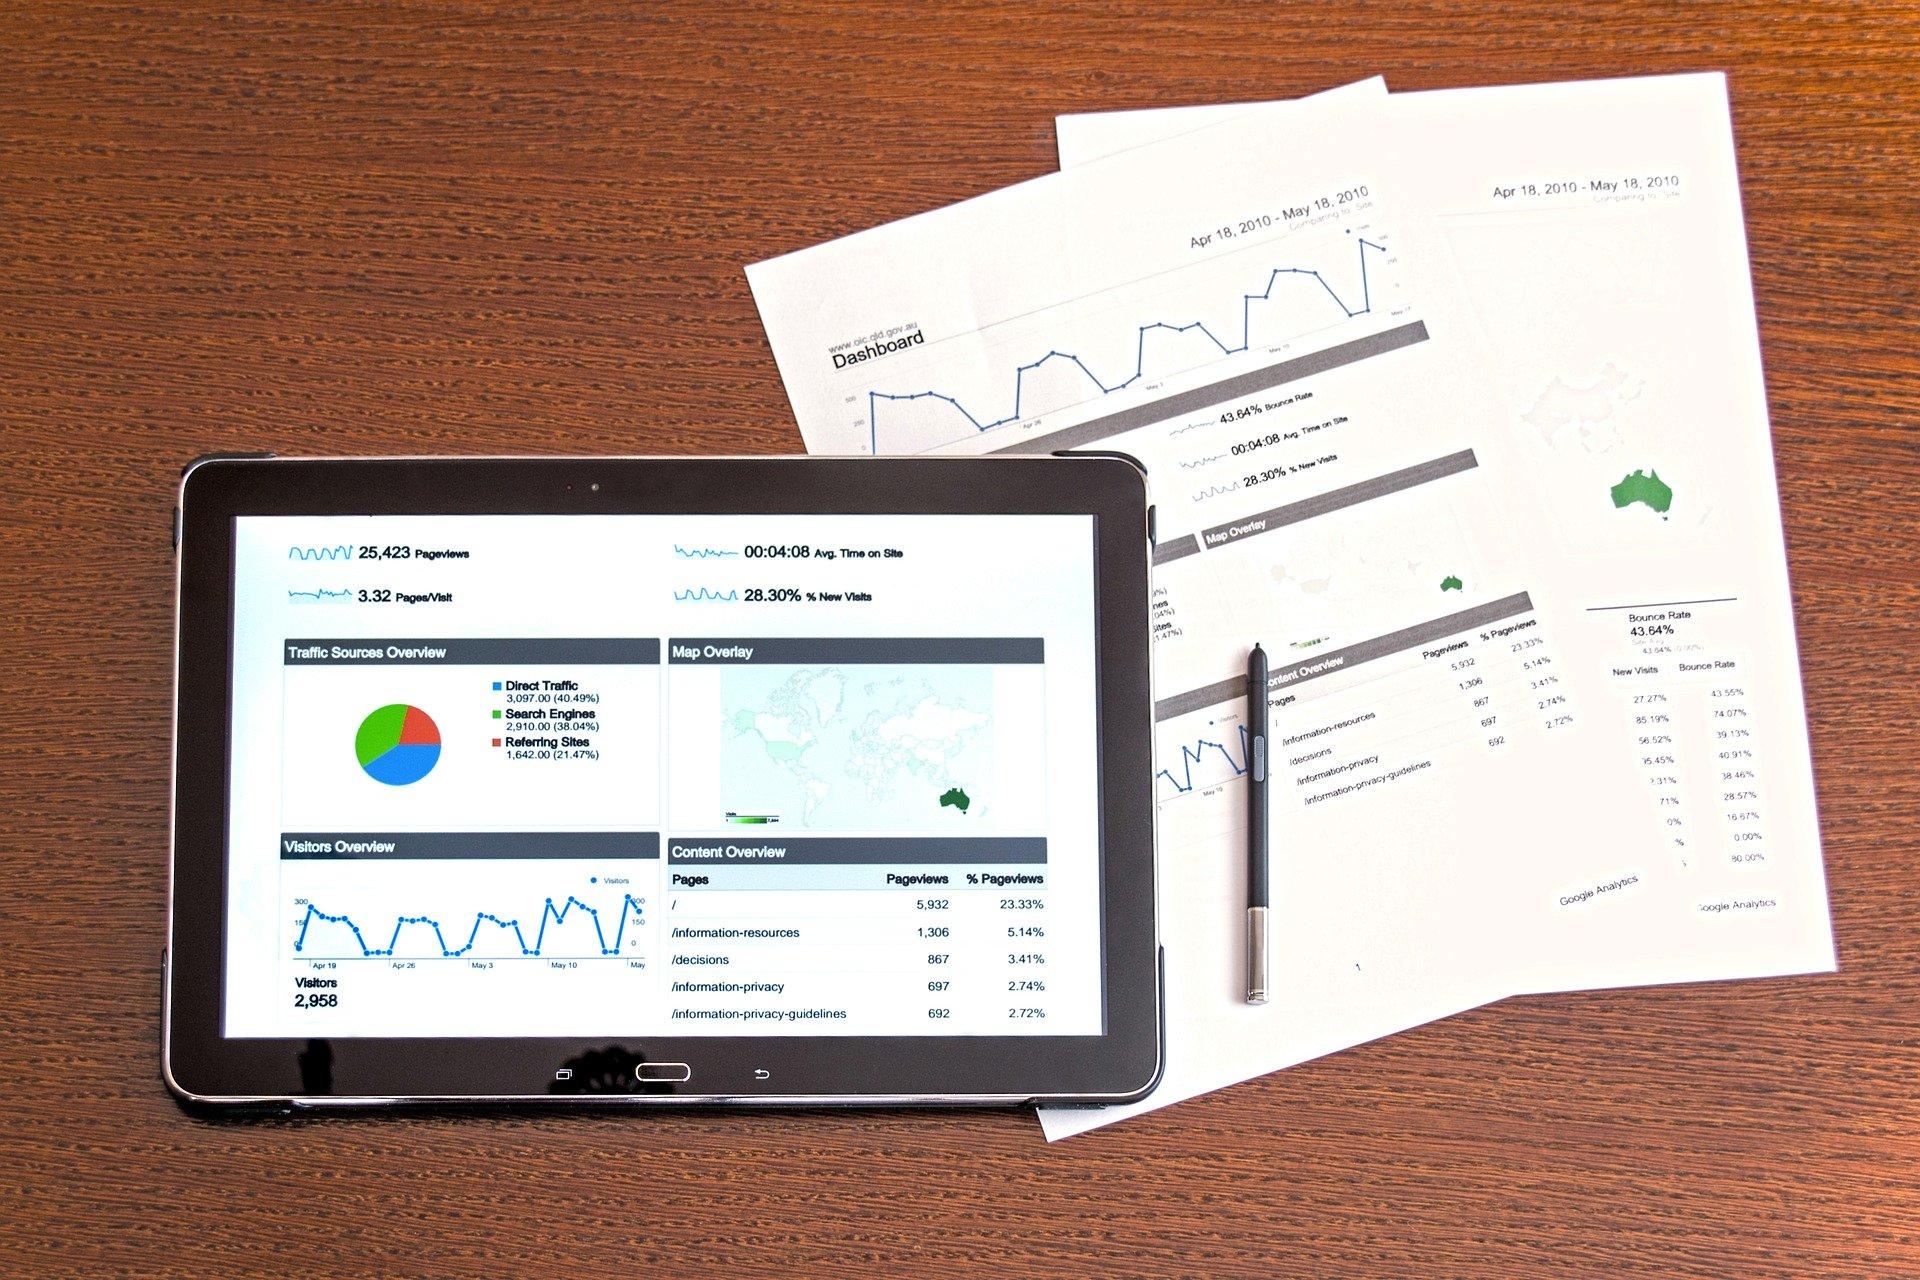 Как проанализировать рынок фотостудий с помощью Python (33). Аналитика